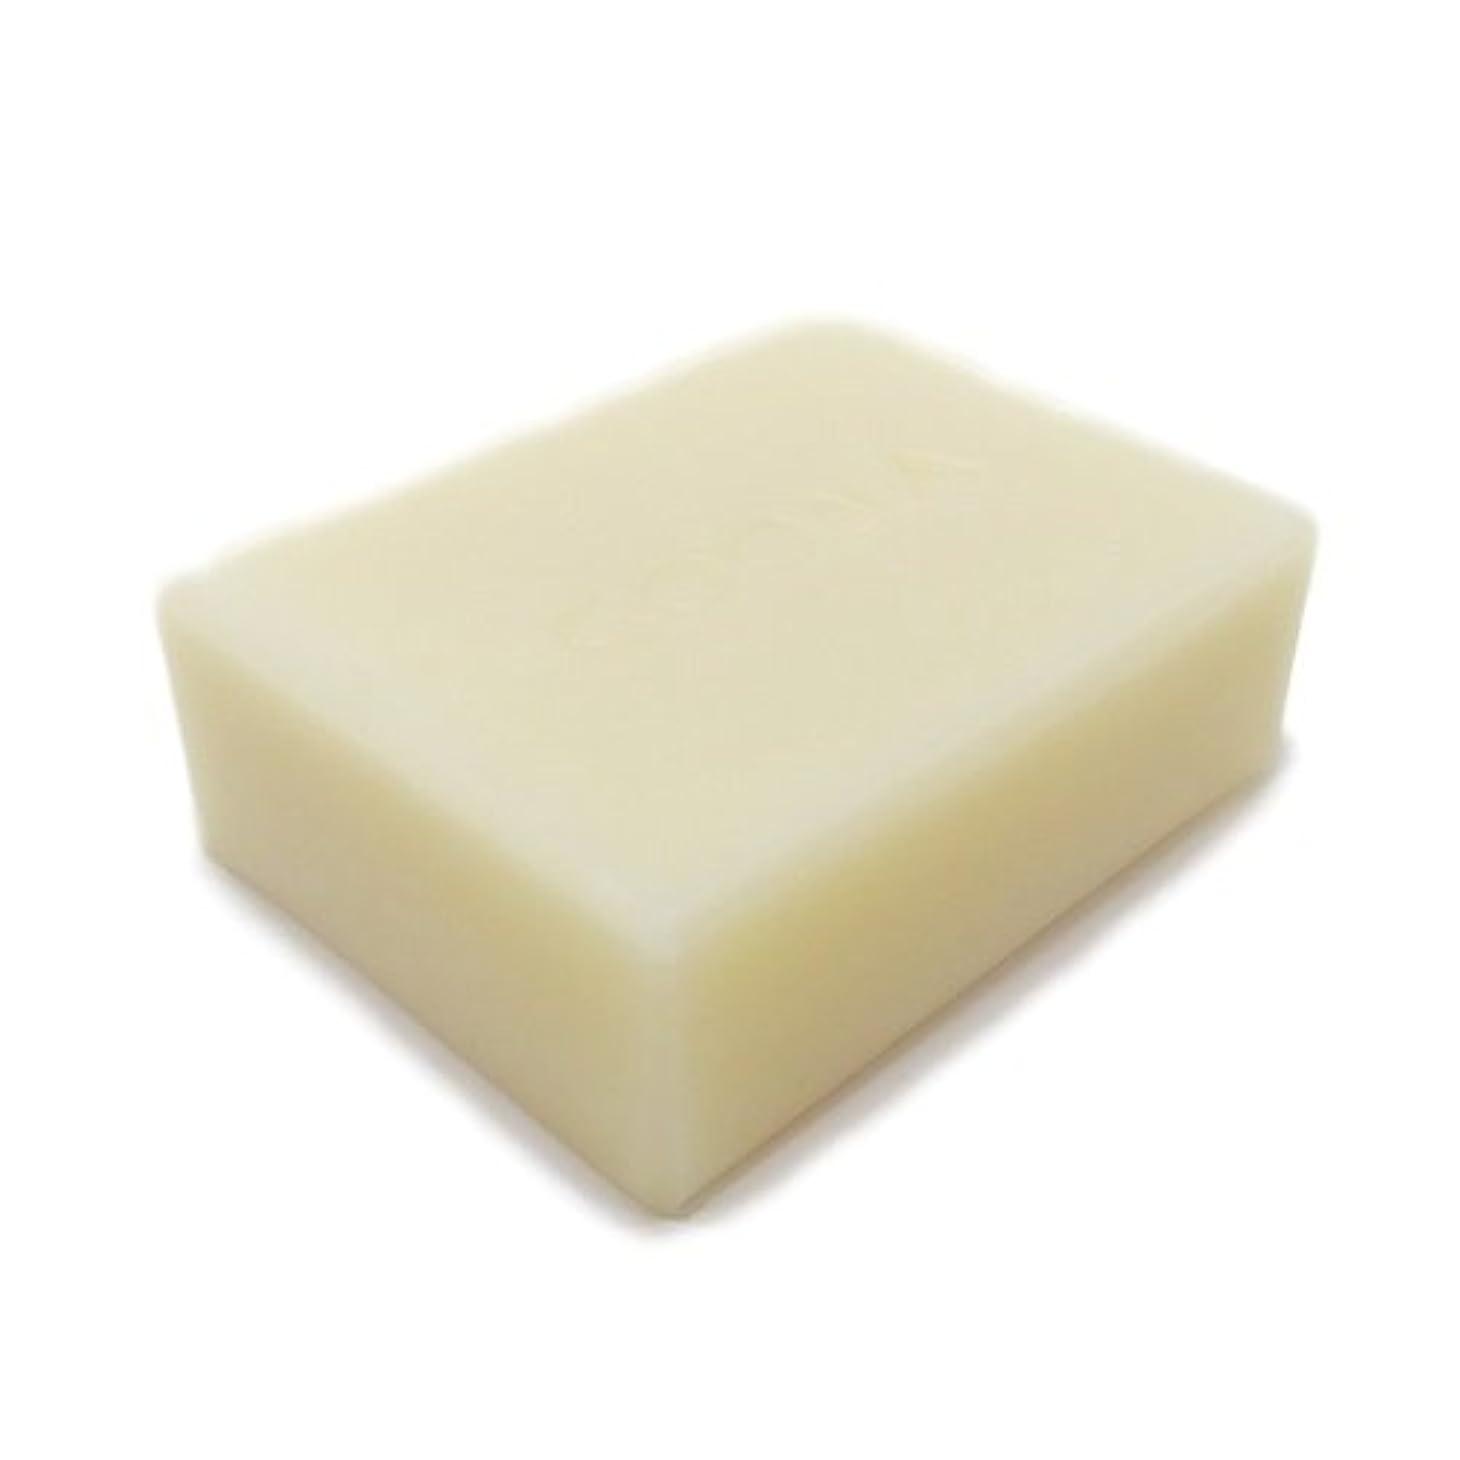 有効な衝突コース争い浴用石鹸 COONA和の香り石けん はっか (天然素材 自然派 コールドプロセス 手作り せっけん) 80g